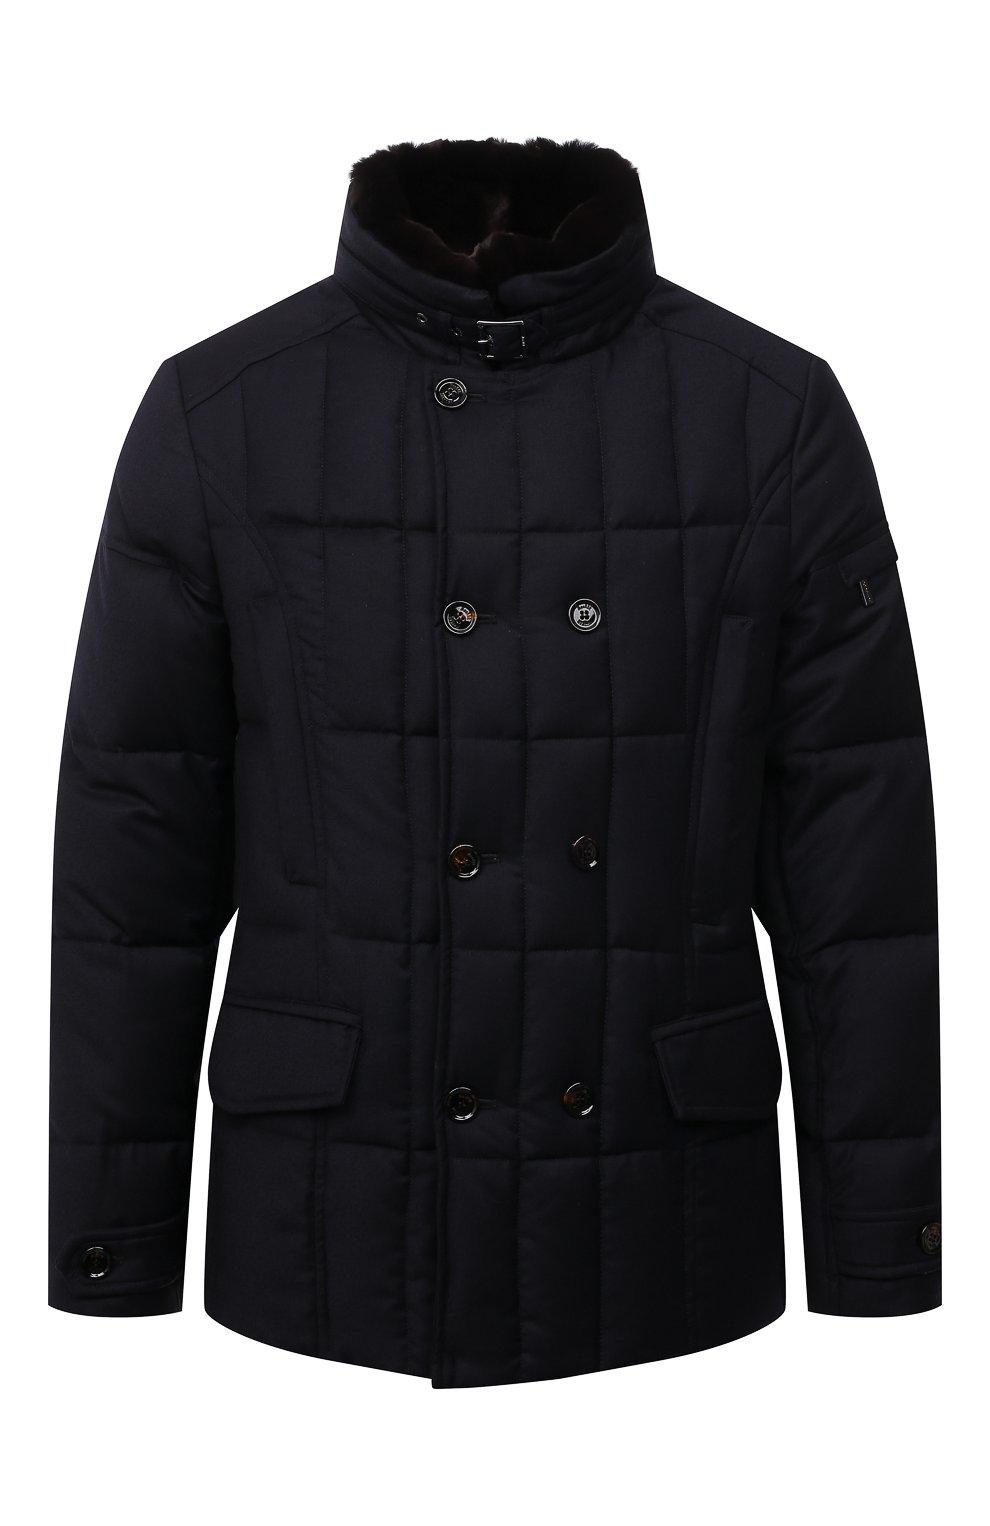 Мужская пуховая куртка с меховой отделкой siro-l MOORER синего цвета, арт. SIR0-L/M0UGI100276-TEPA217 | Фото 1 (Кросс-КТ: Куртка; Мужское Кросс-КТ: пуховик-короткий; Материал внешний: Шерсть; Рукава: Длинные; Материал подклада: Синтетический материал; Длина (верхняя одежда): Короткие; Материал утеплителя: Пух и перо; Стили: Кэжуэл)